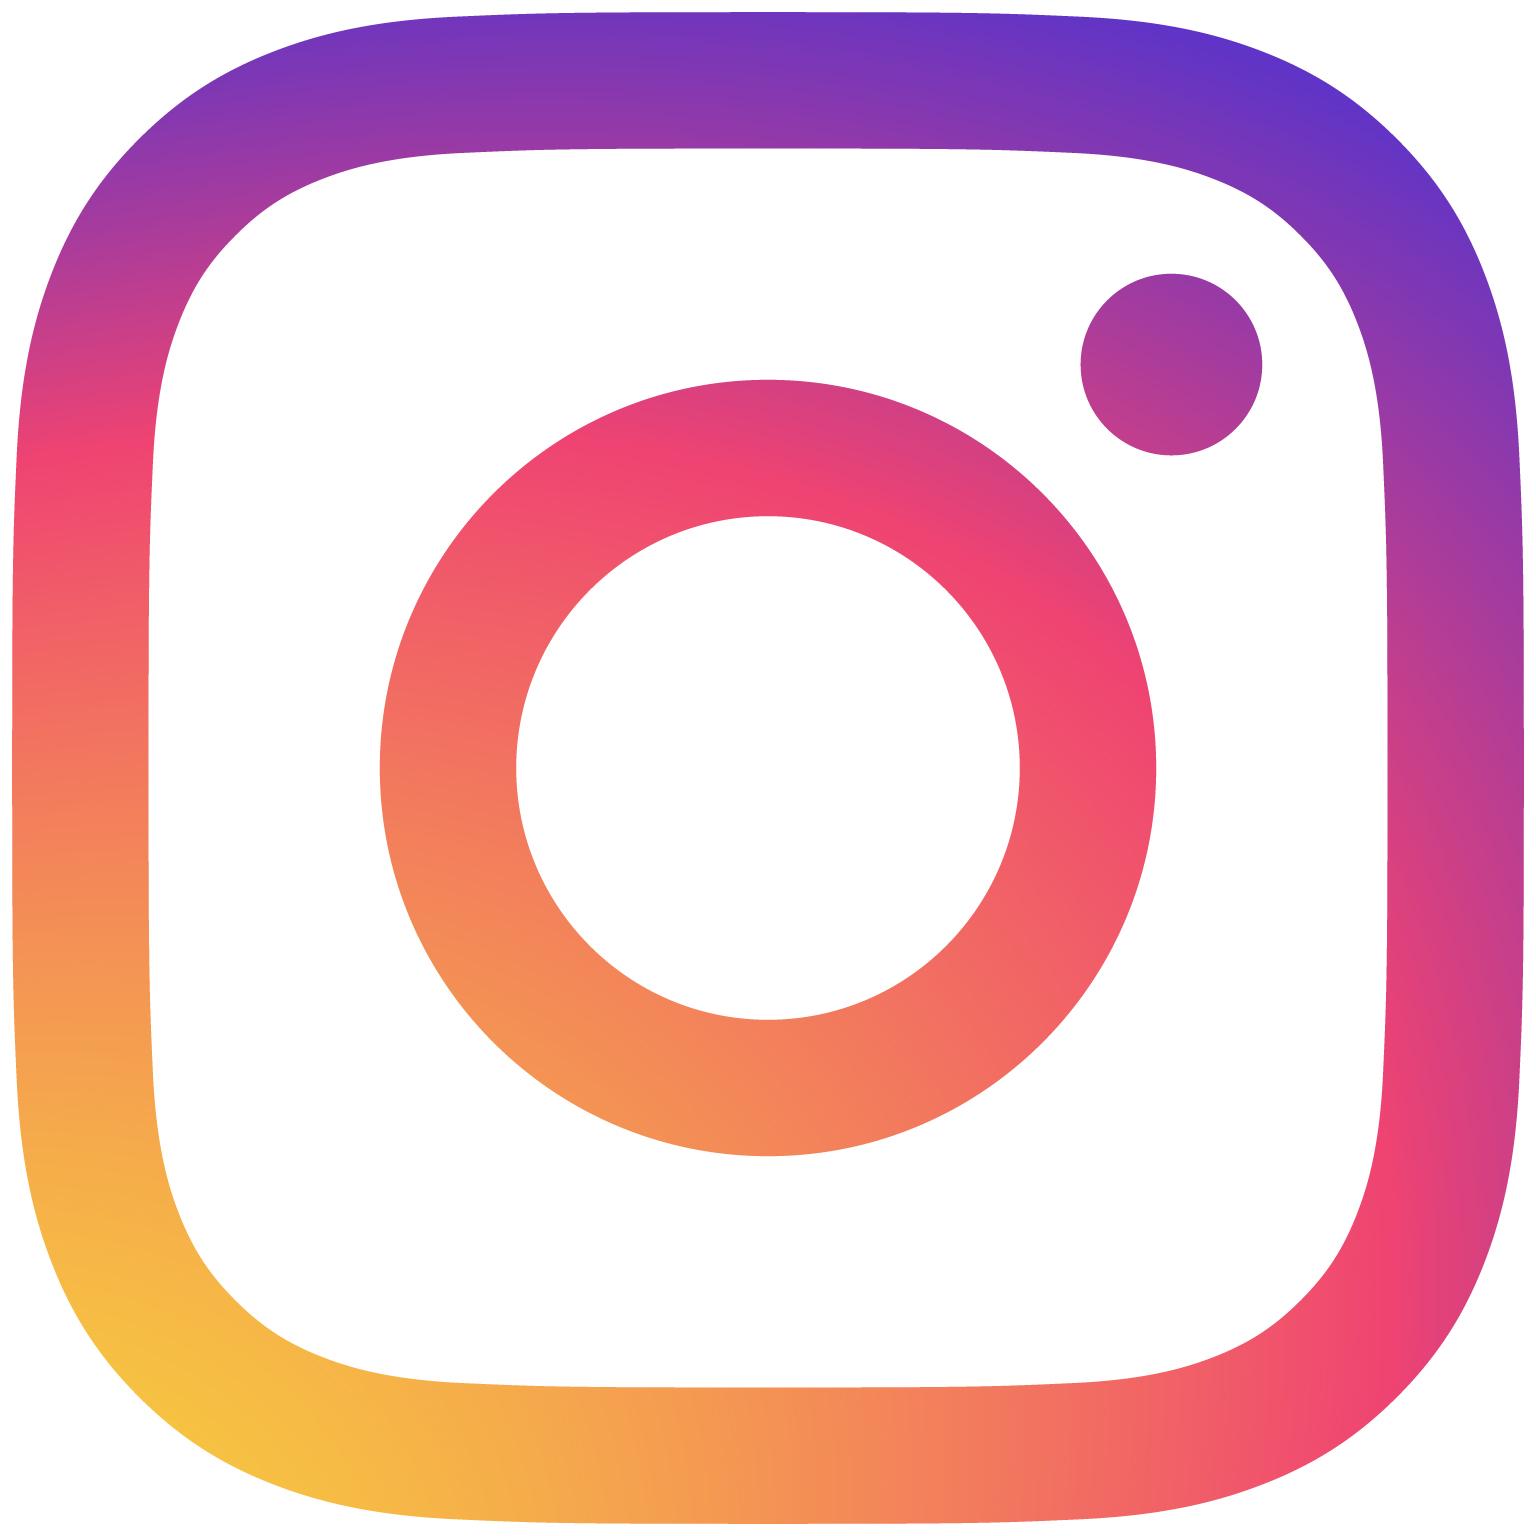 fa-instagram